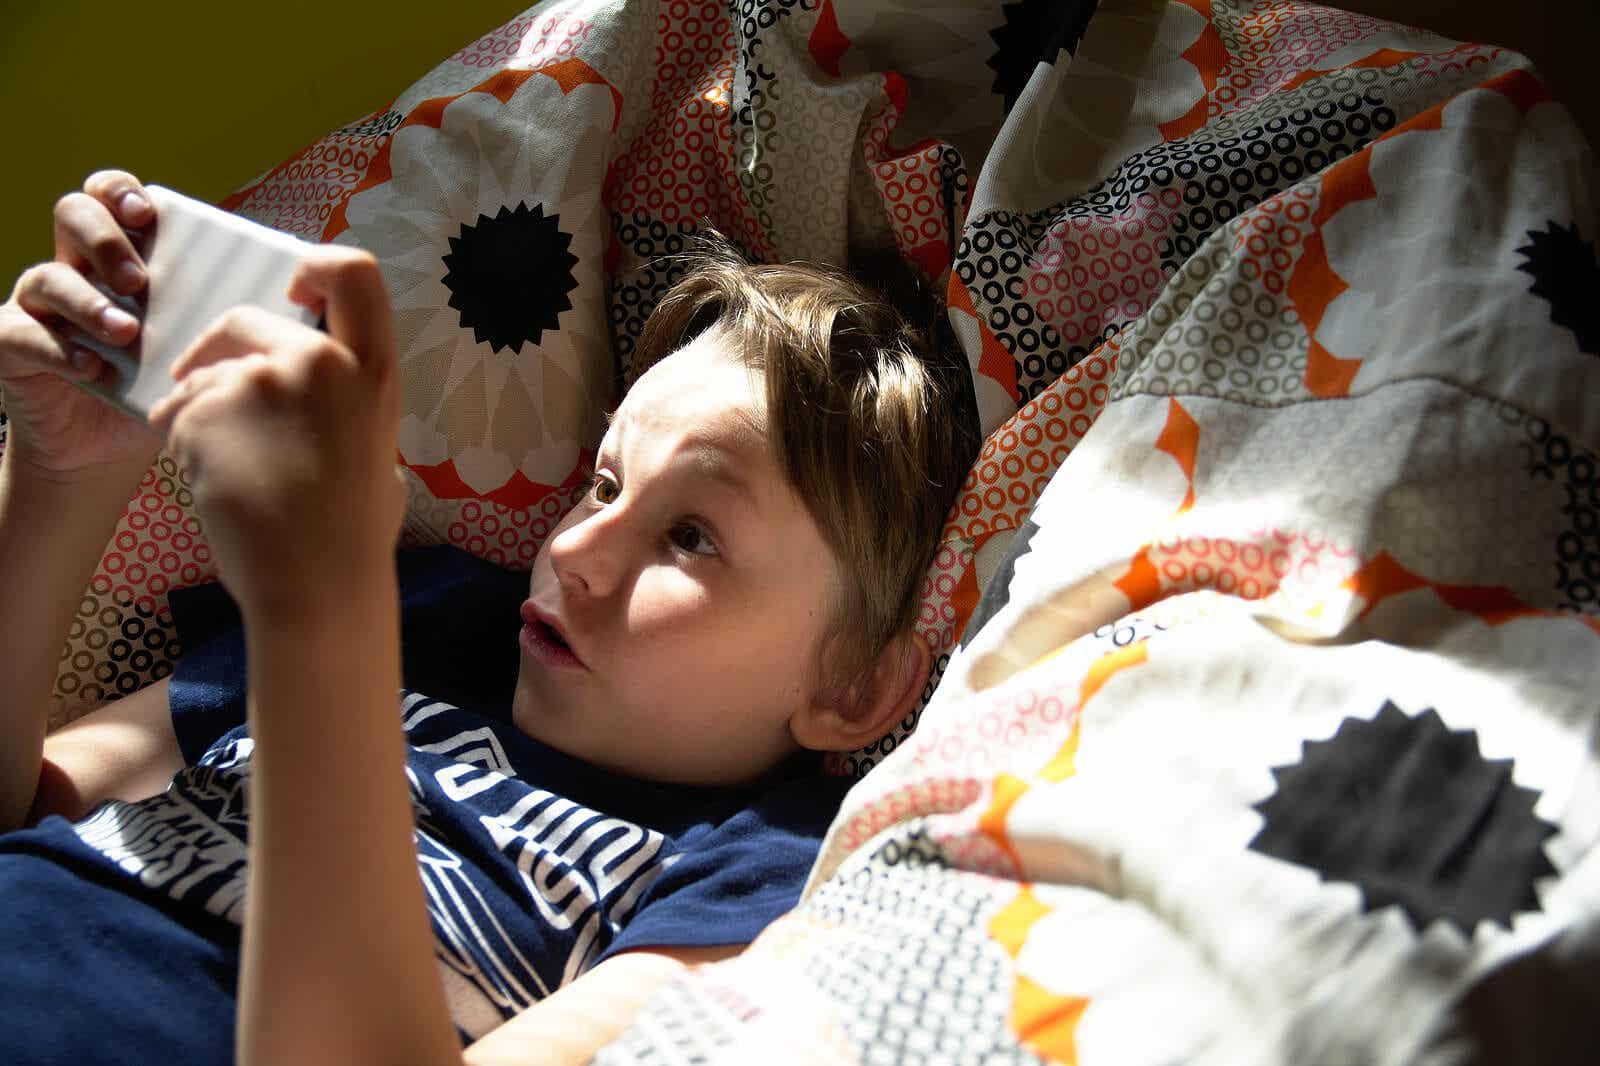 handysüchtig - Junge spielt mit seinem Smartphone